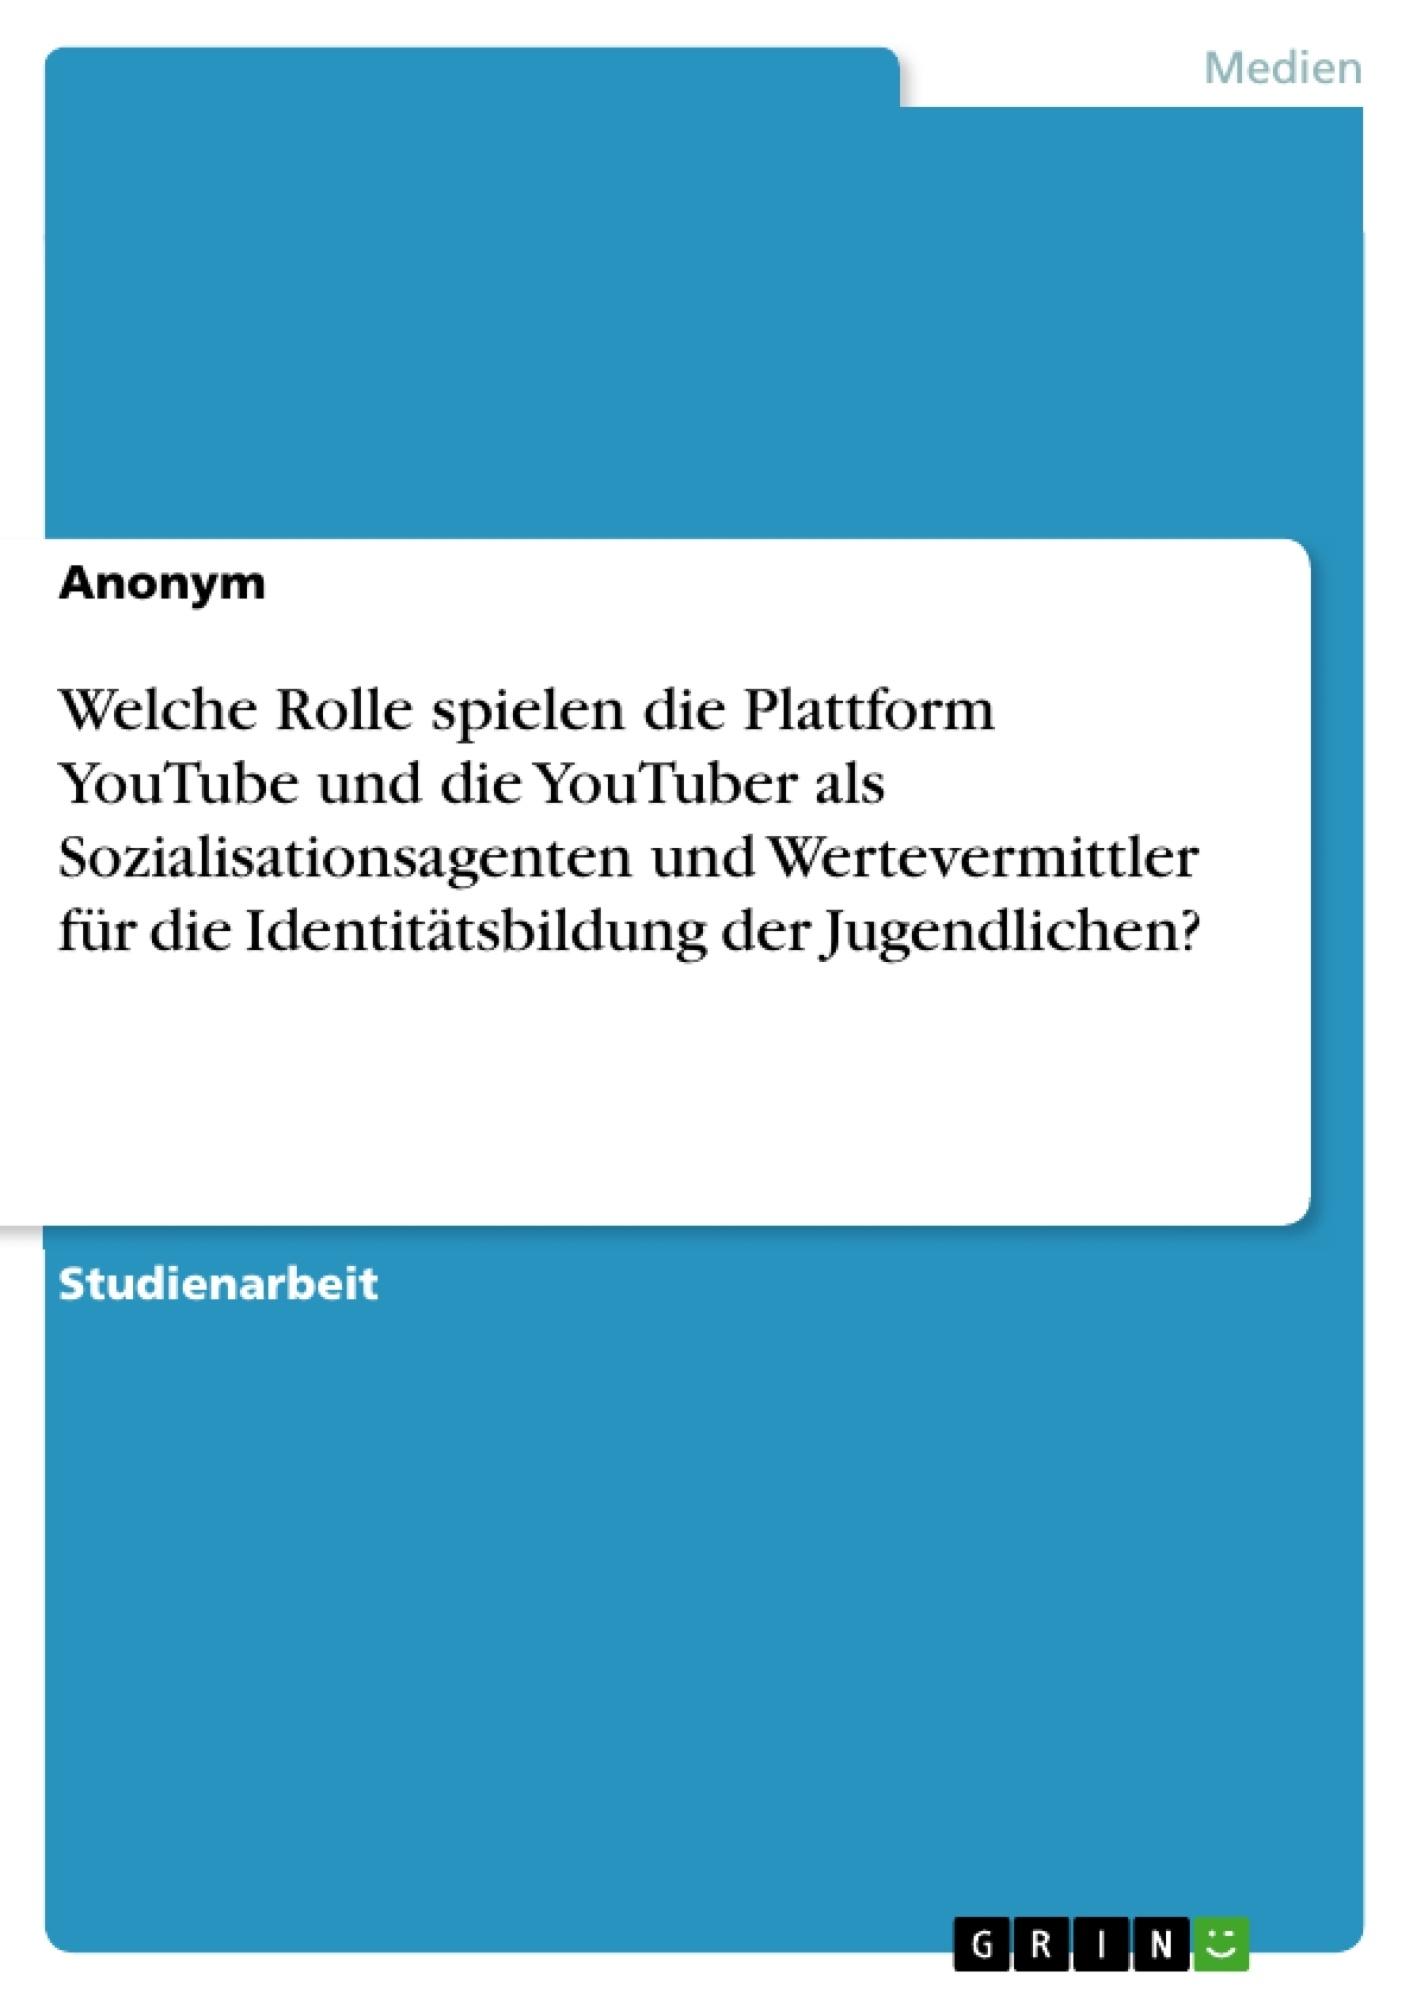 Titel: Welche Rolle spielen die Plattform YouTube und die YouTuber als Sozialisationsagenten und Wertevermittler für die Identitätsbildung der Jugendlichen?